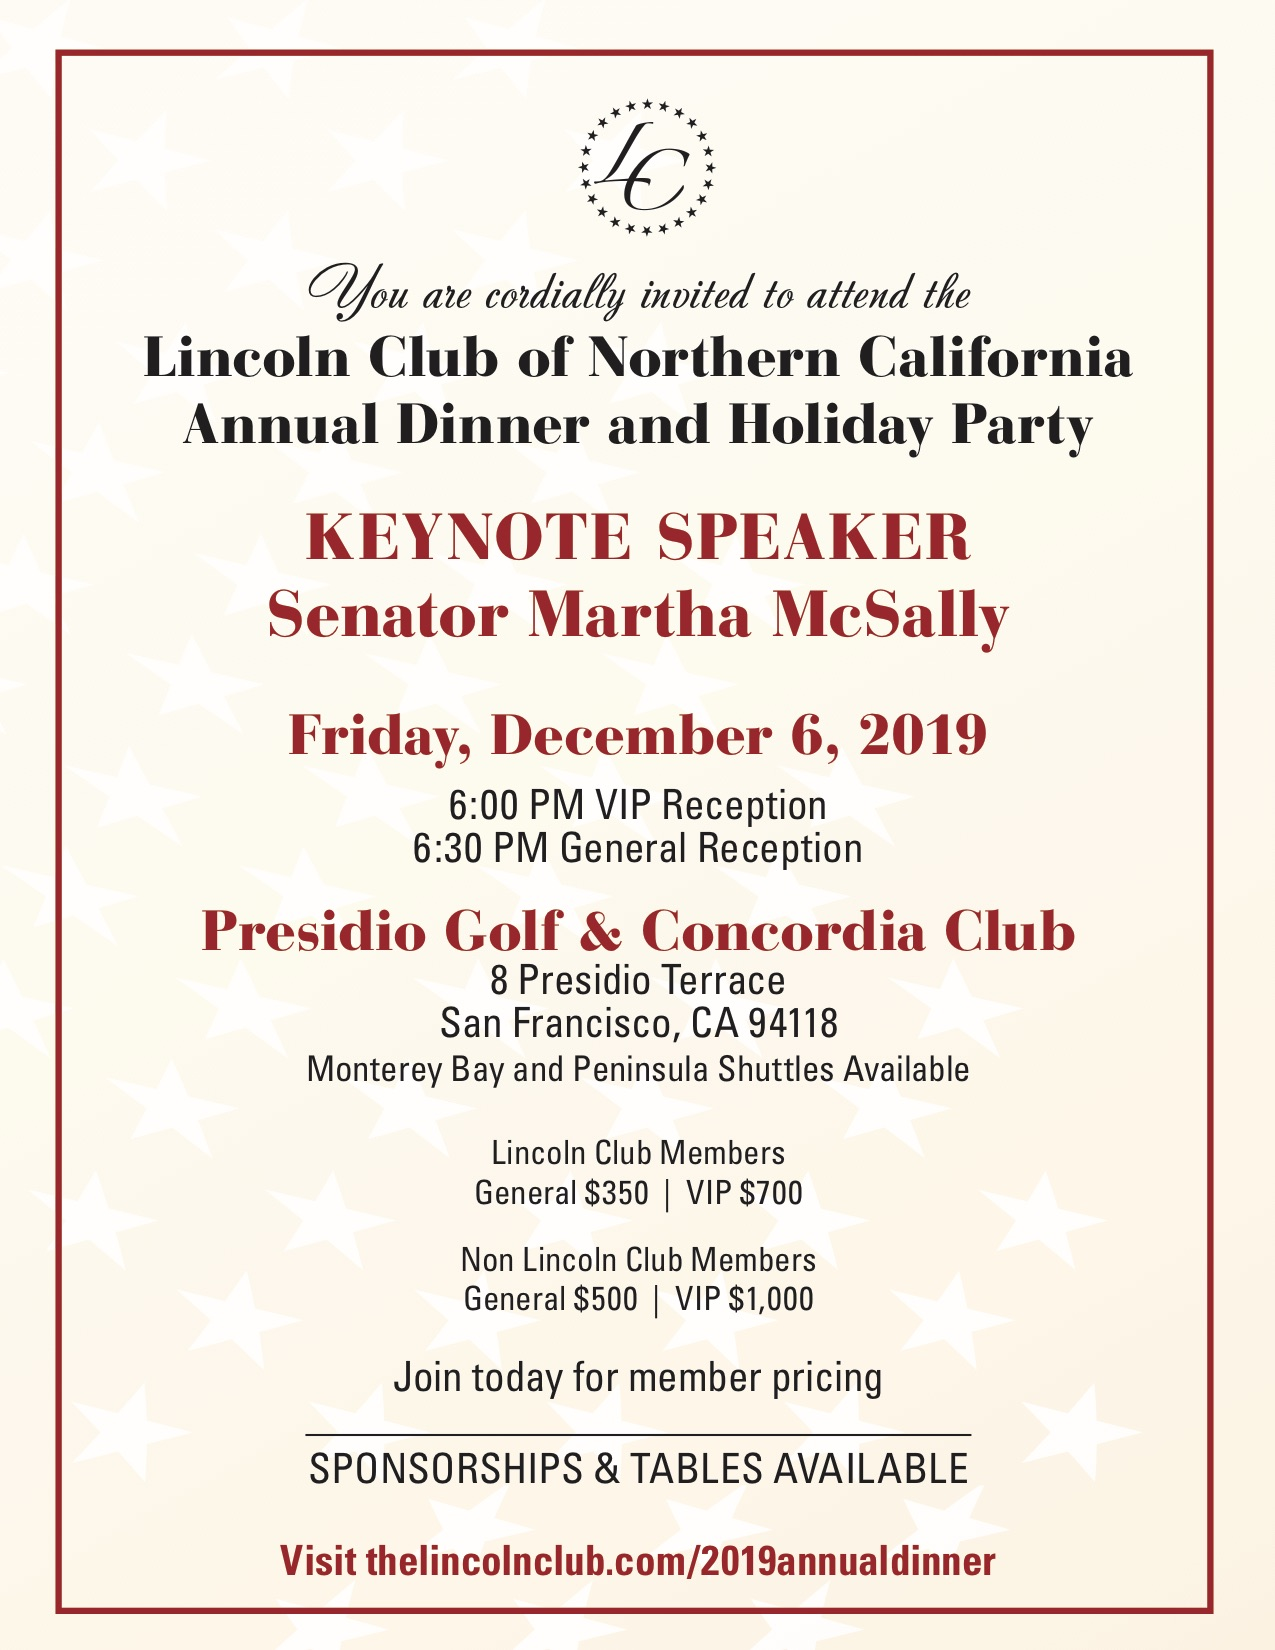 2019 Annual Dinner Invite